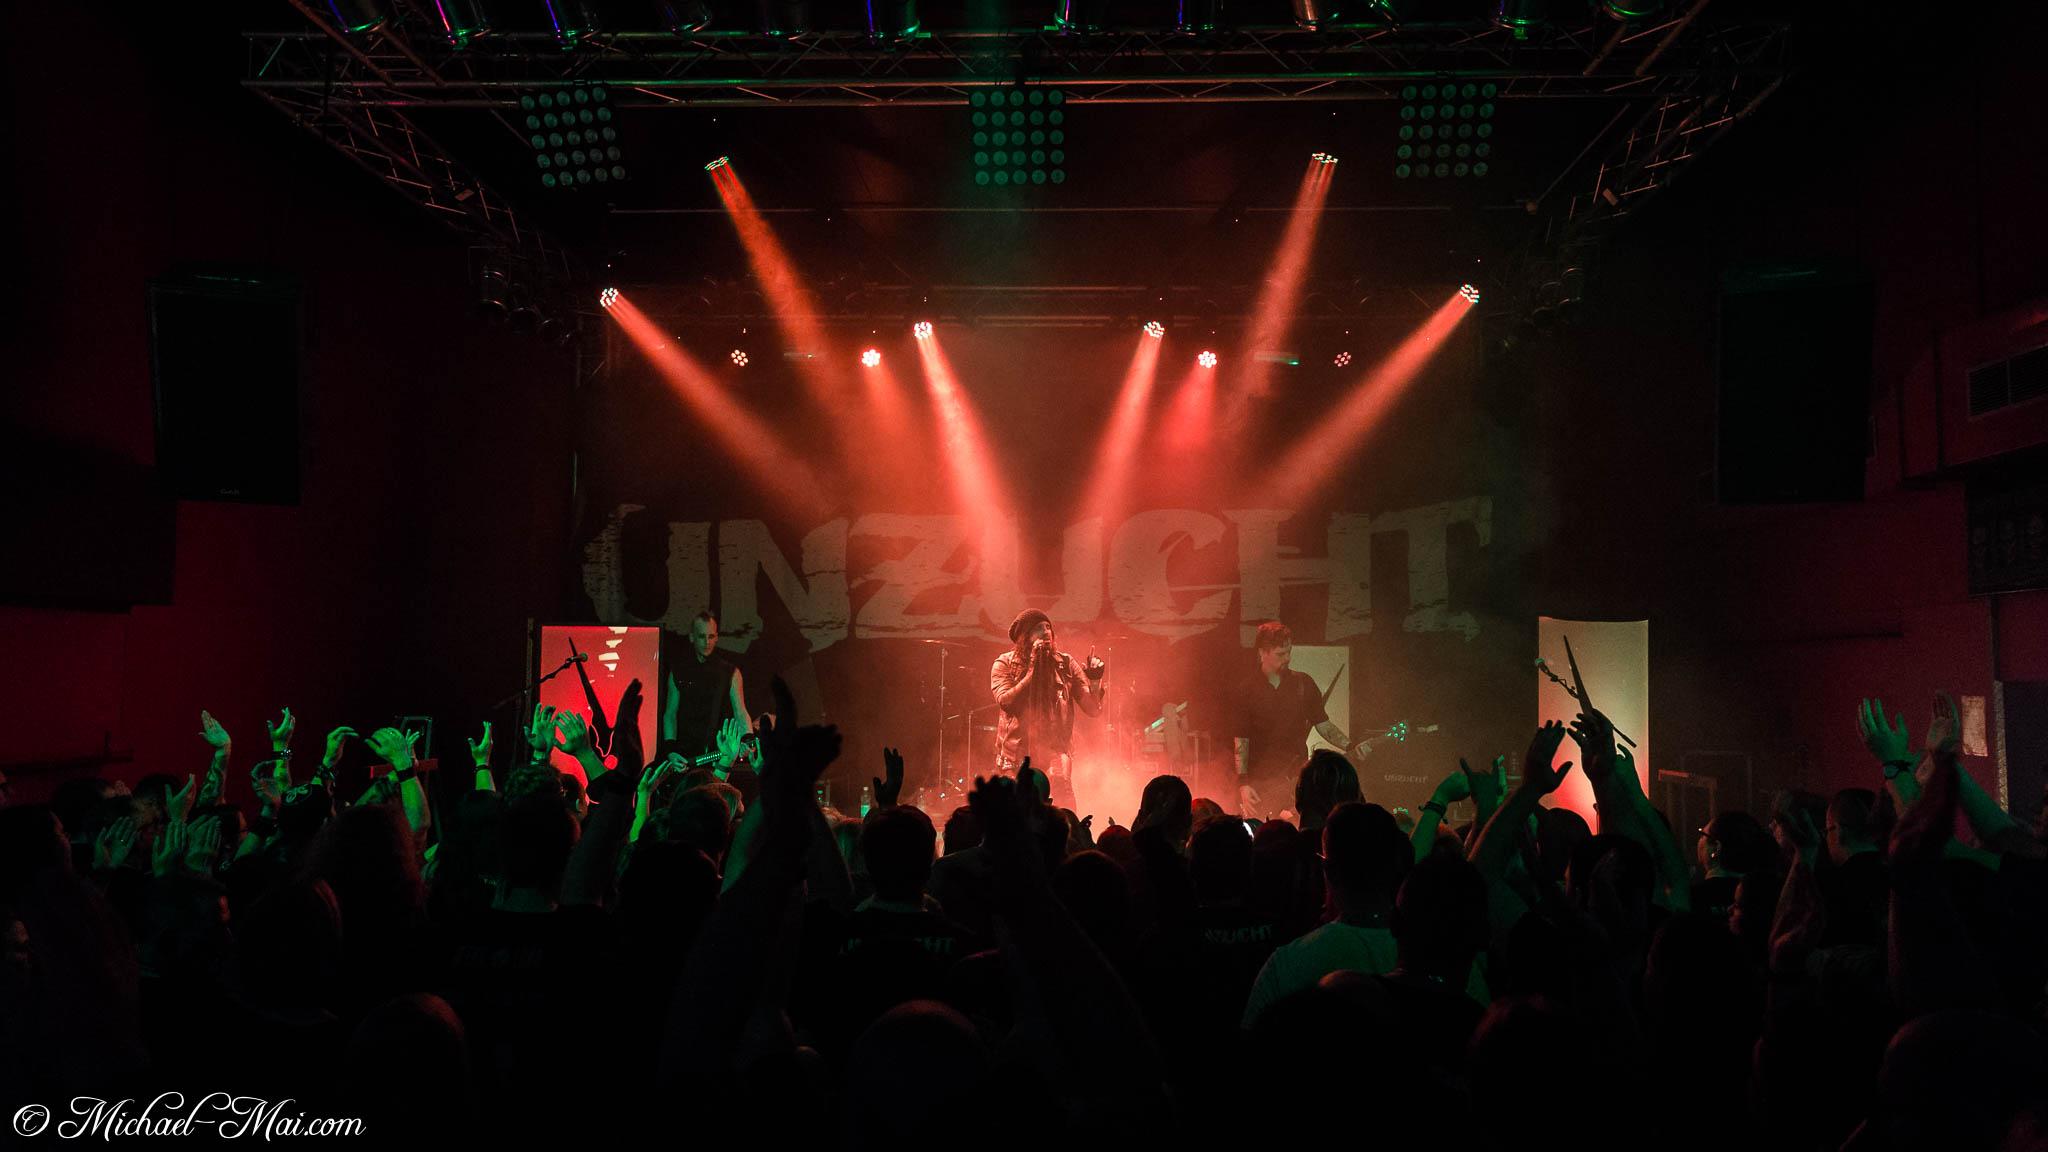 Konzertfotos von Unzucht auf der Widerstand Tour 2017